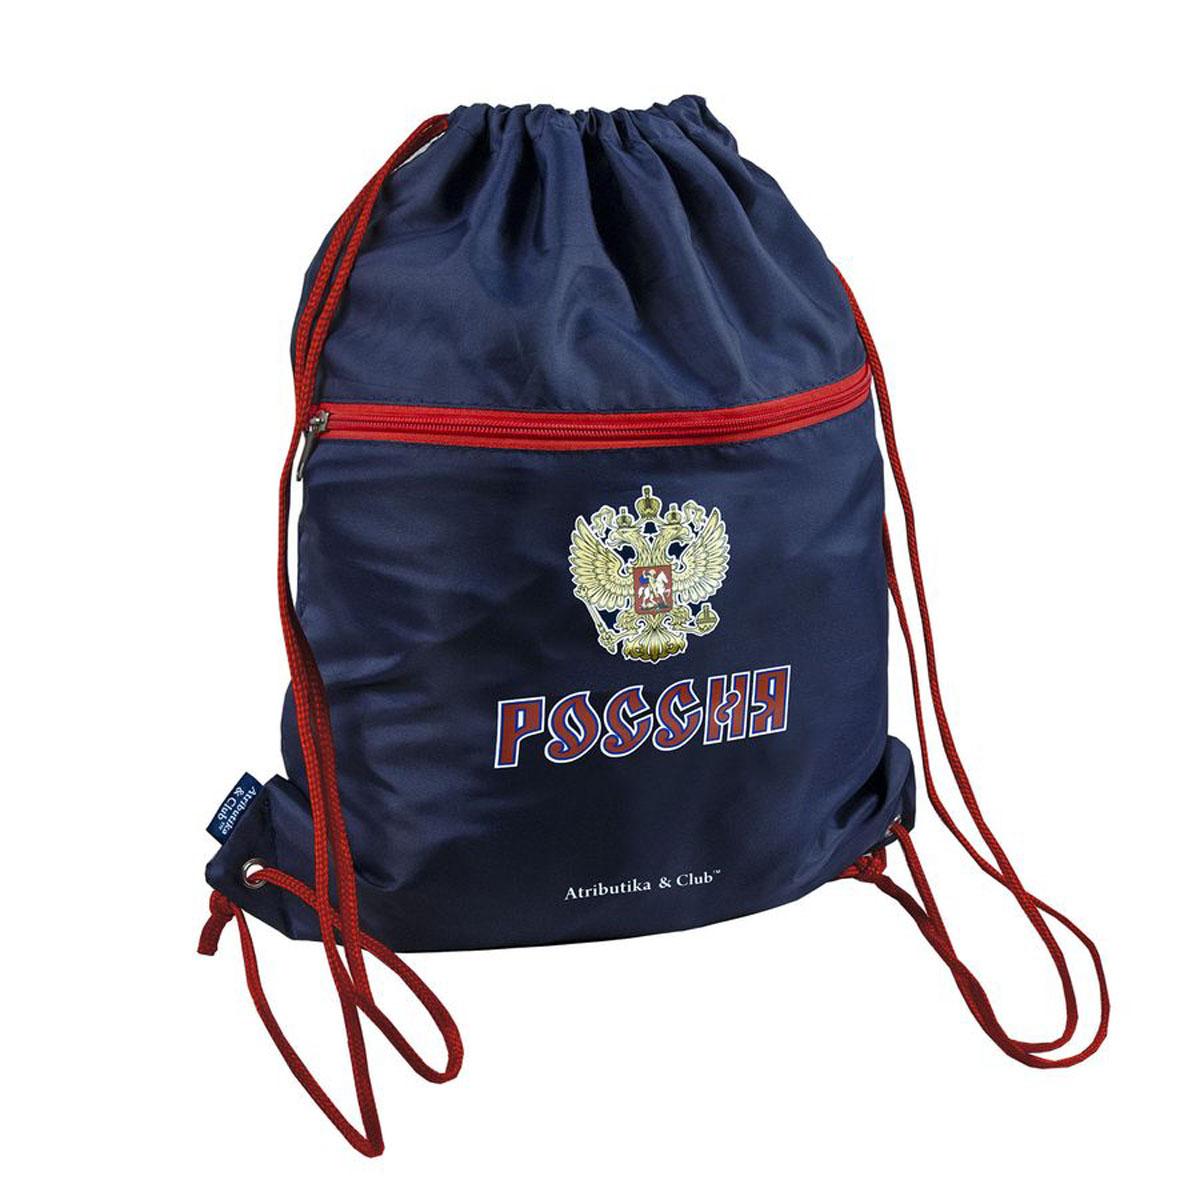 Мешок на шнурке Россия, цвет: синий. 1855618556Выполняет функции рюкзака, благодаря плечевым лямкам, которые надежно фиксируют изделие у его верхнего основания.